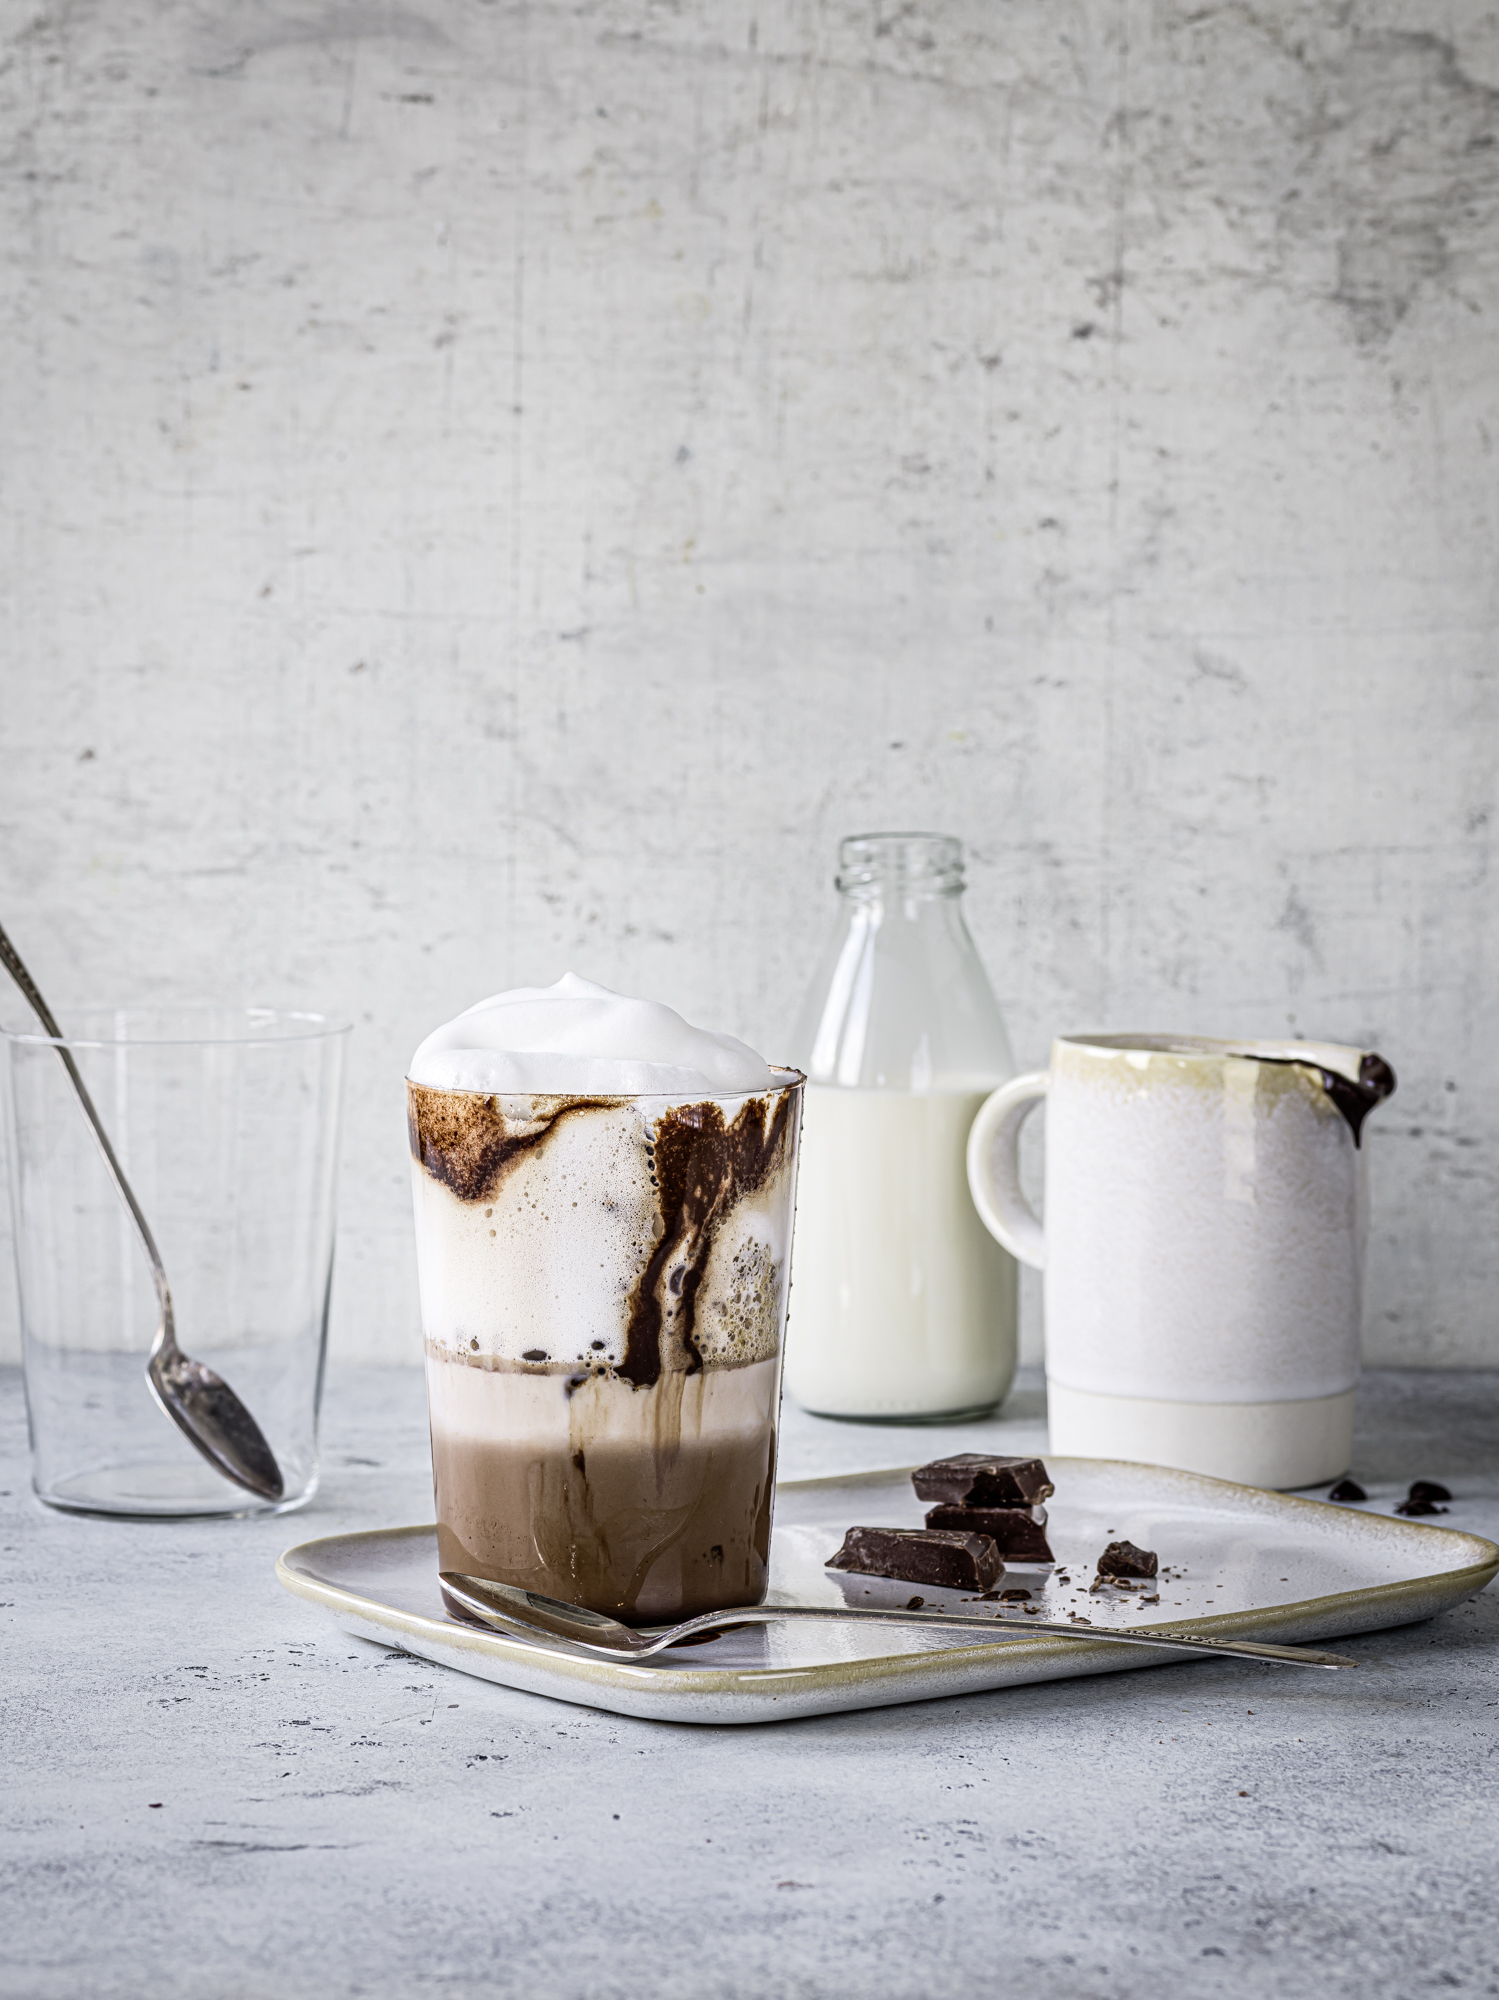 Kaffee-Fotografie   Stefan Schmidlin Fotograf Basel, Bild 7.jpg